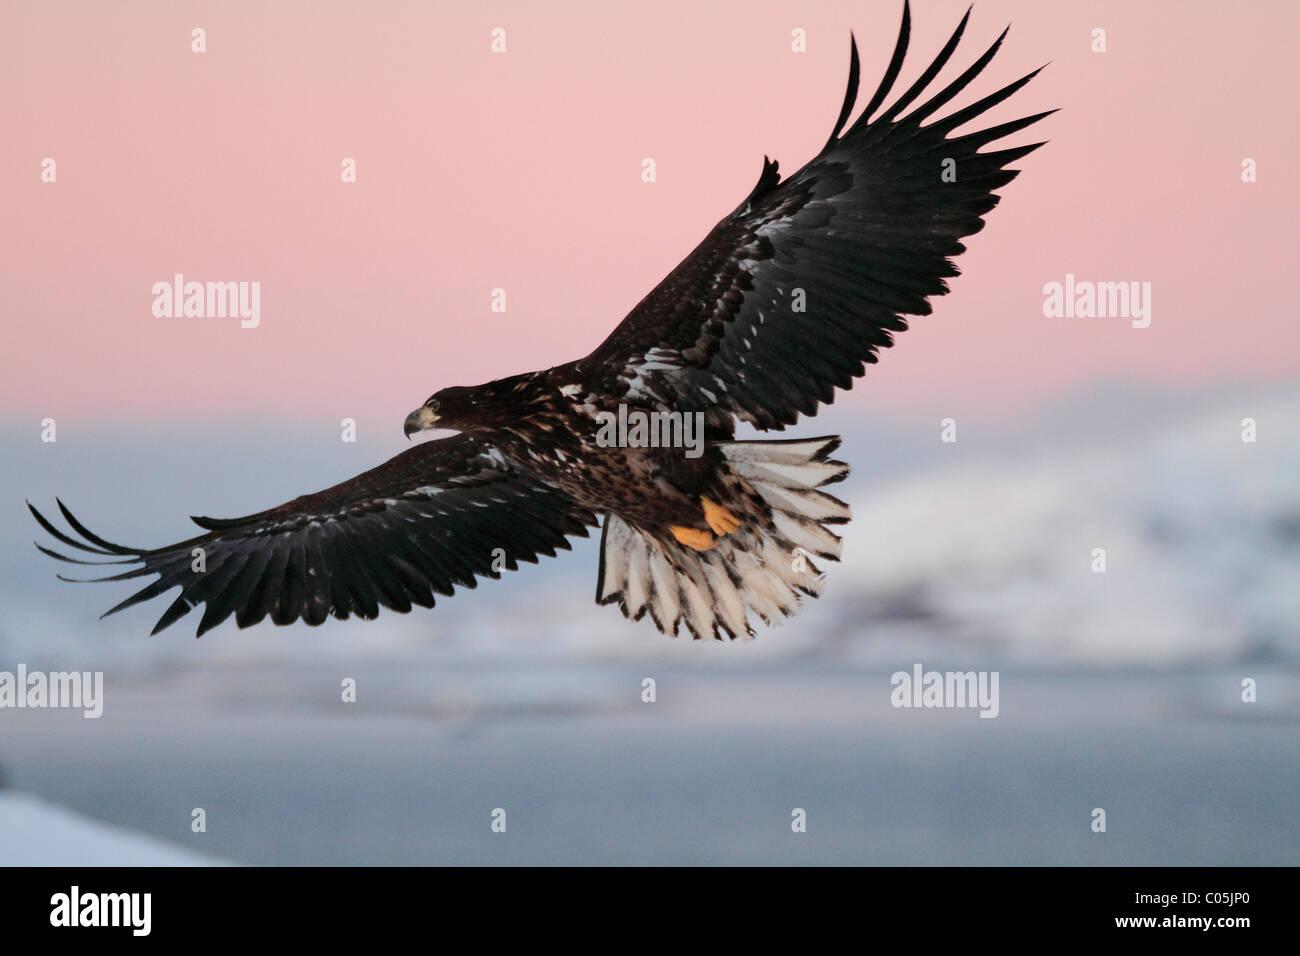 El águila de cola blanca en invierno el paisaje costero en enero, Noruega Imagen De Stock